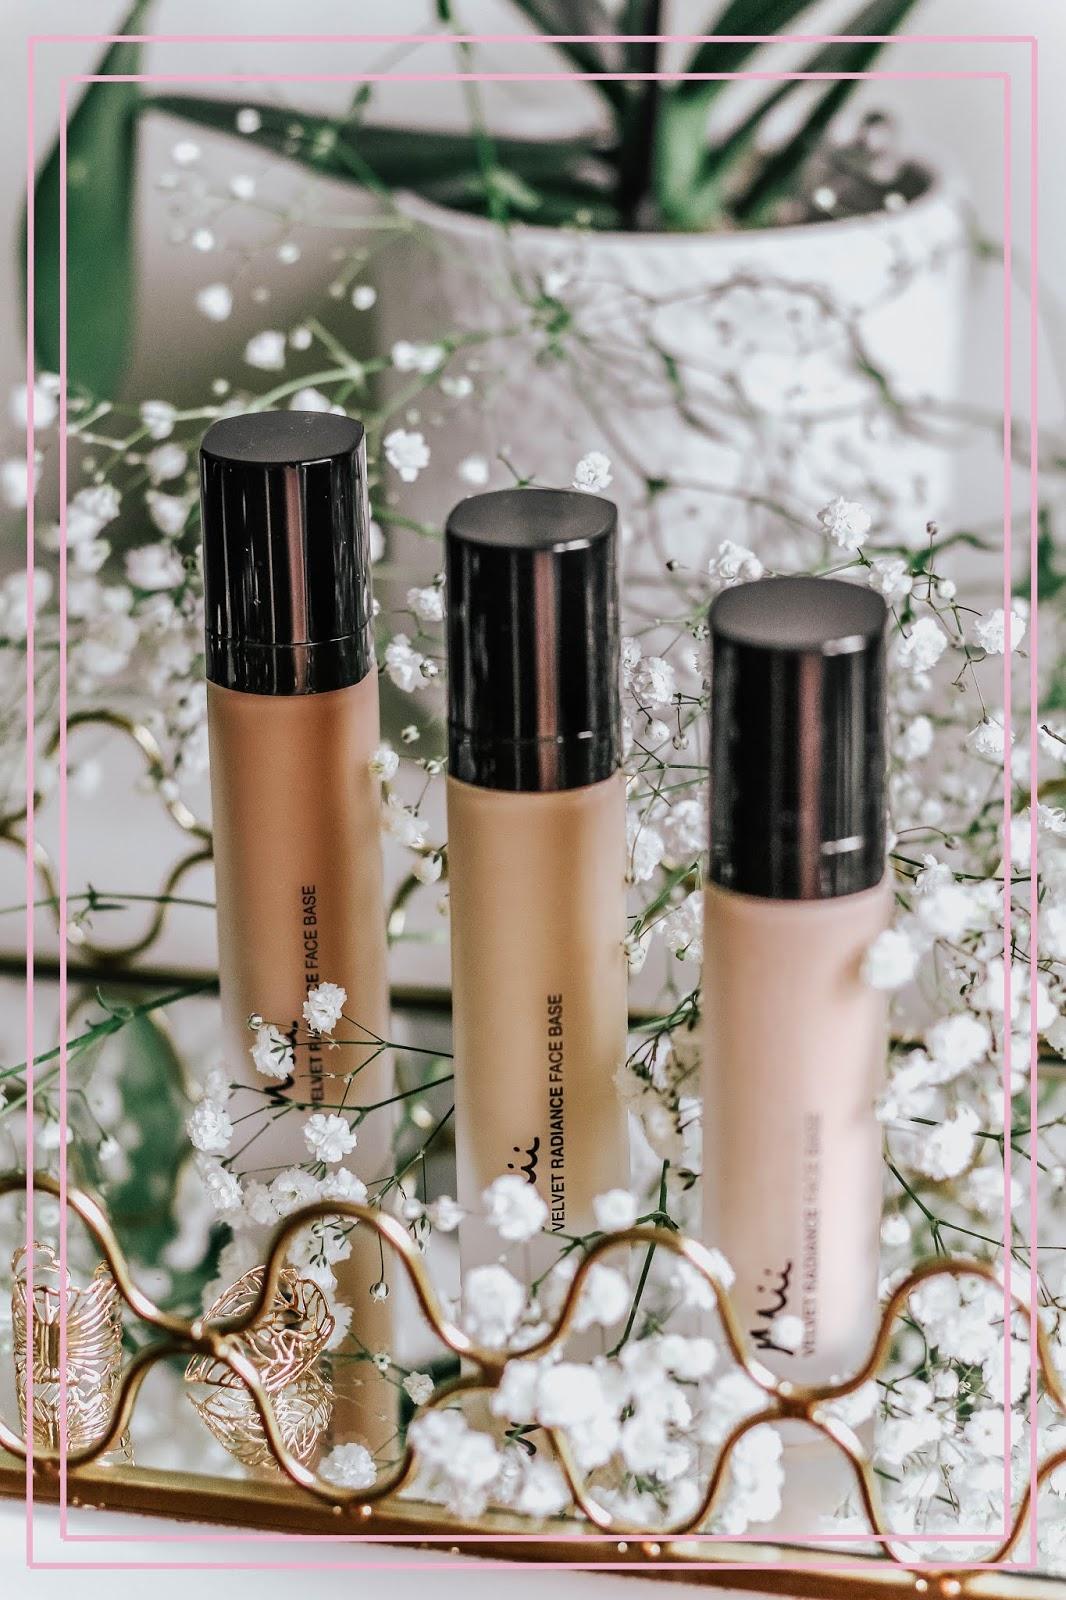 Mii Cosmetics Velvet Radiance Face Base